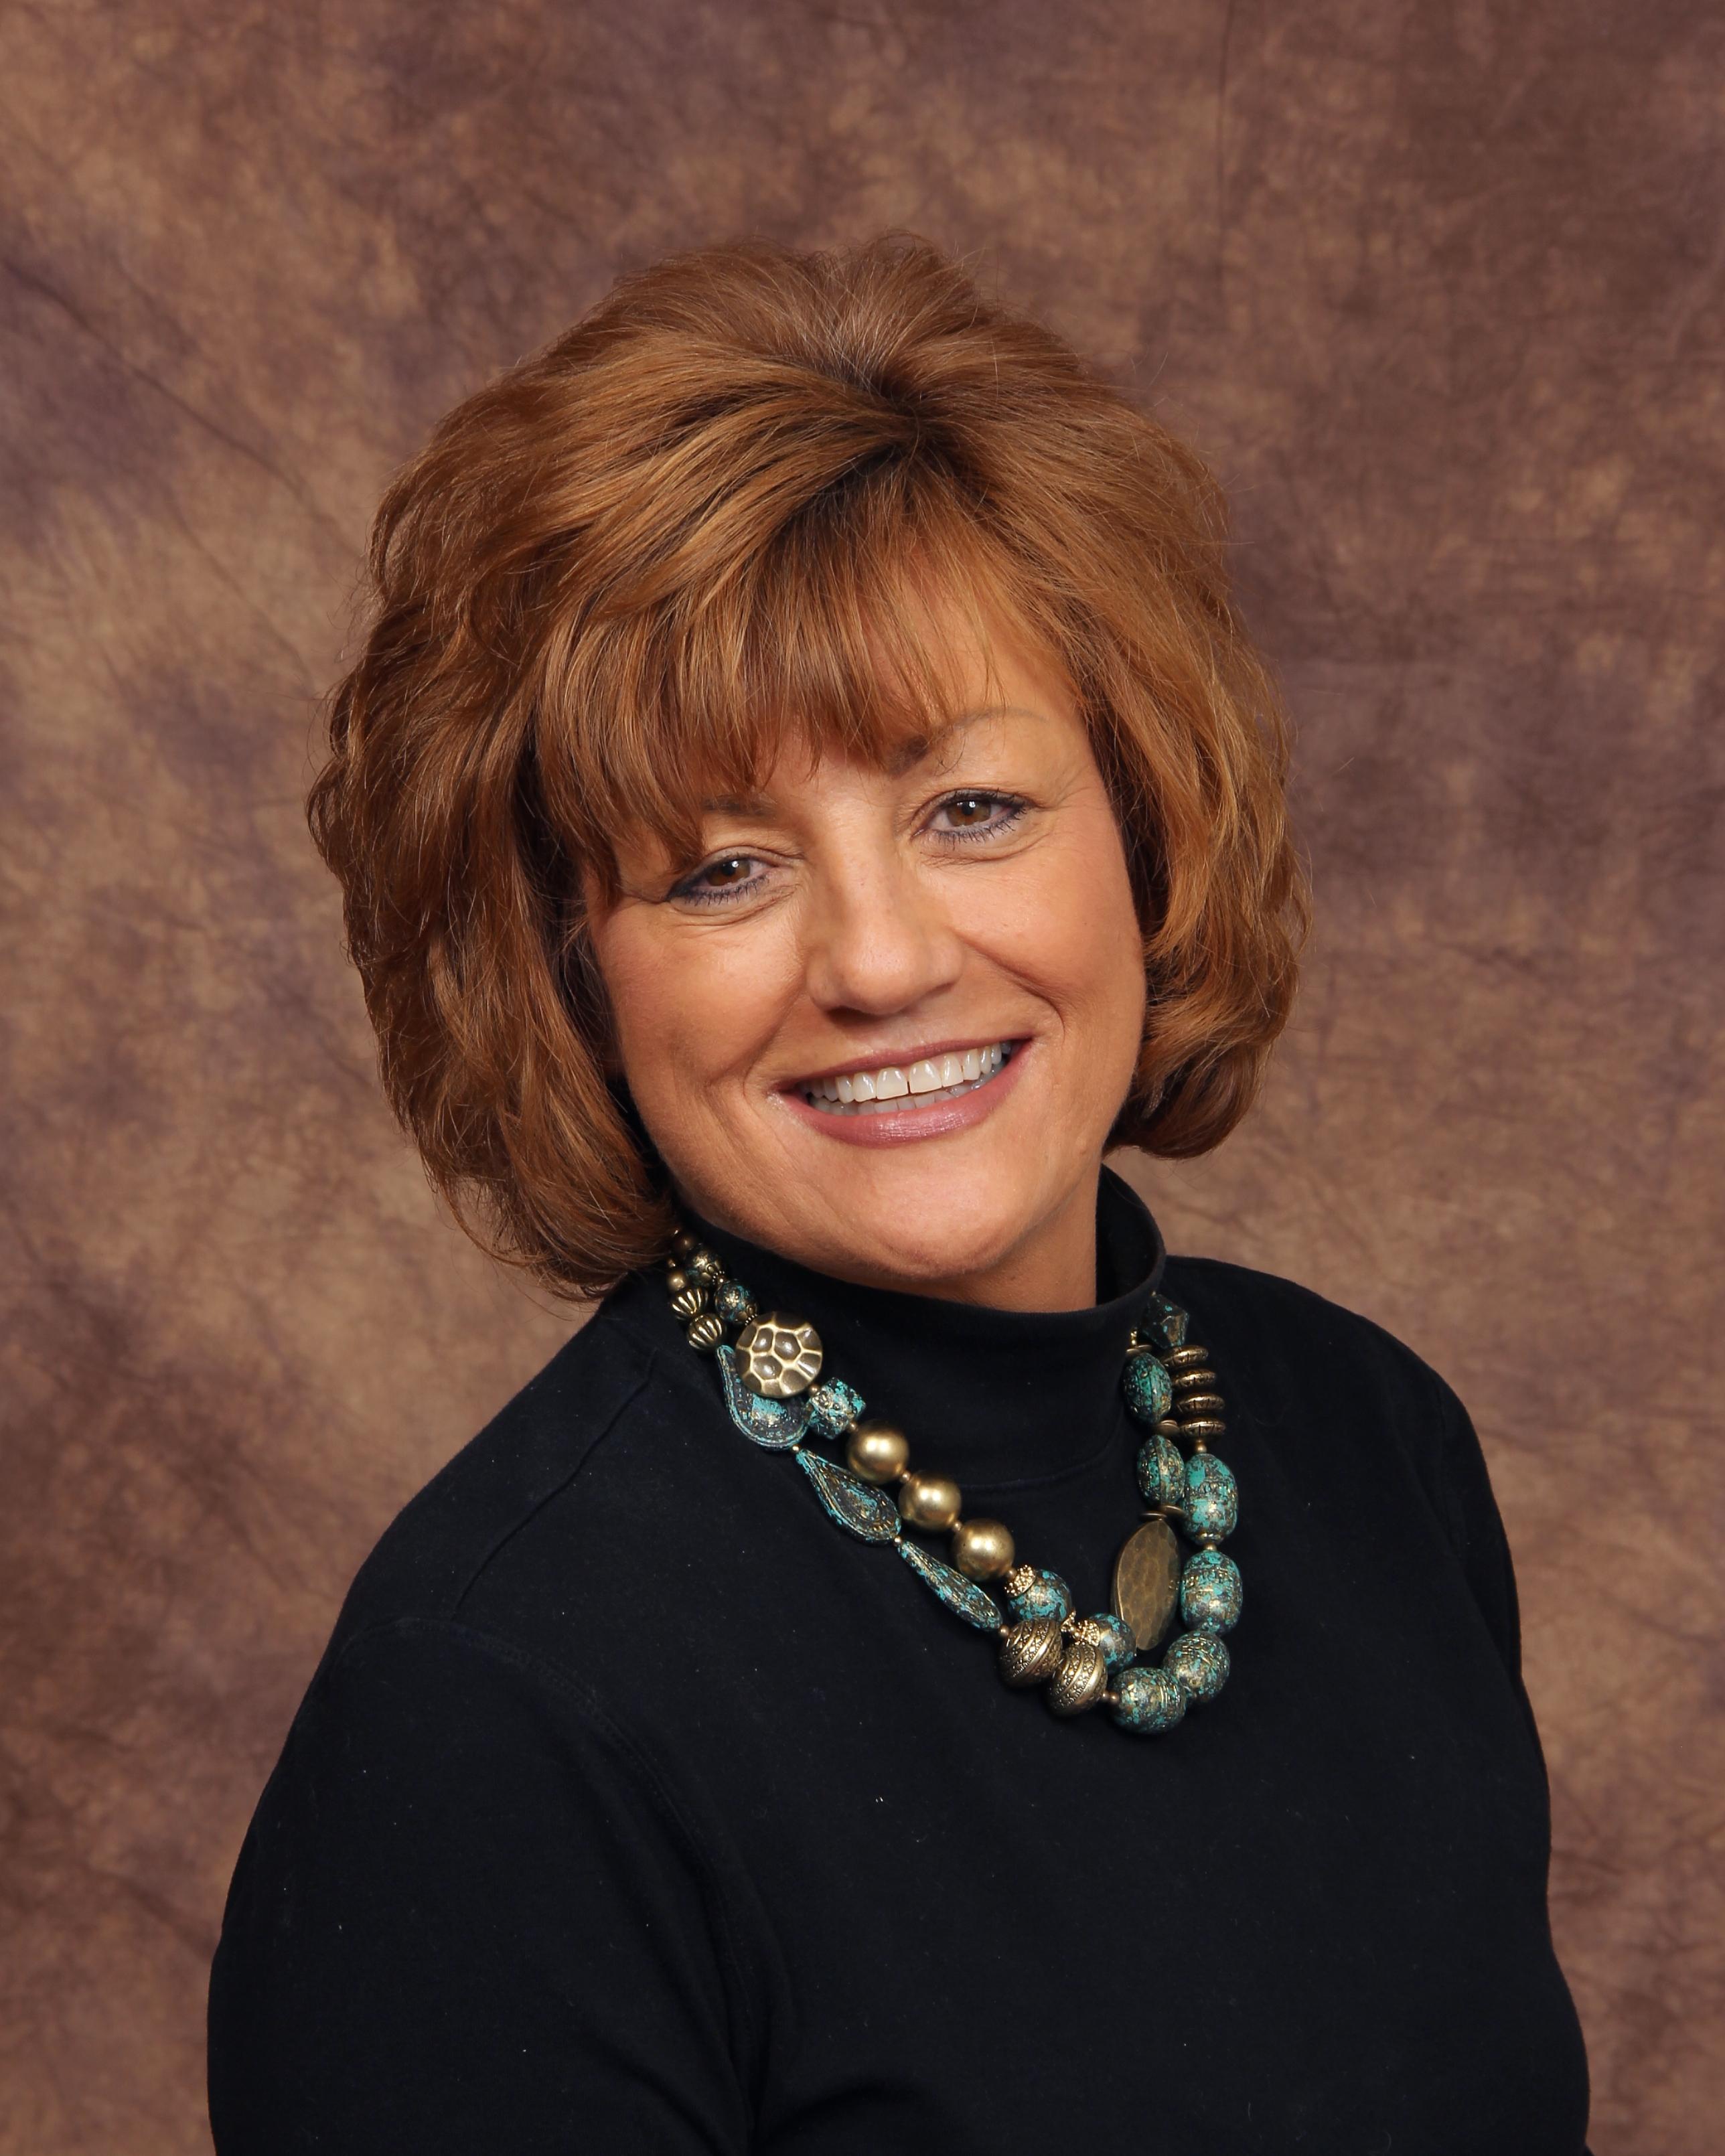 Debbie Vandre